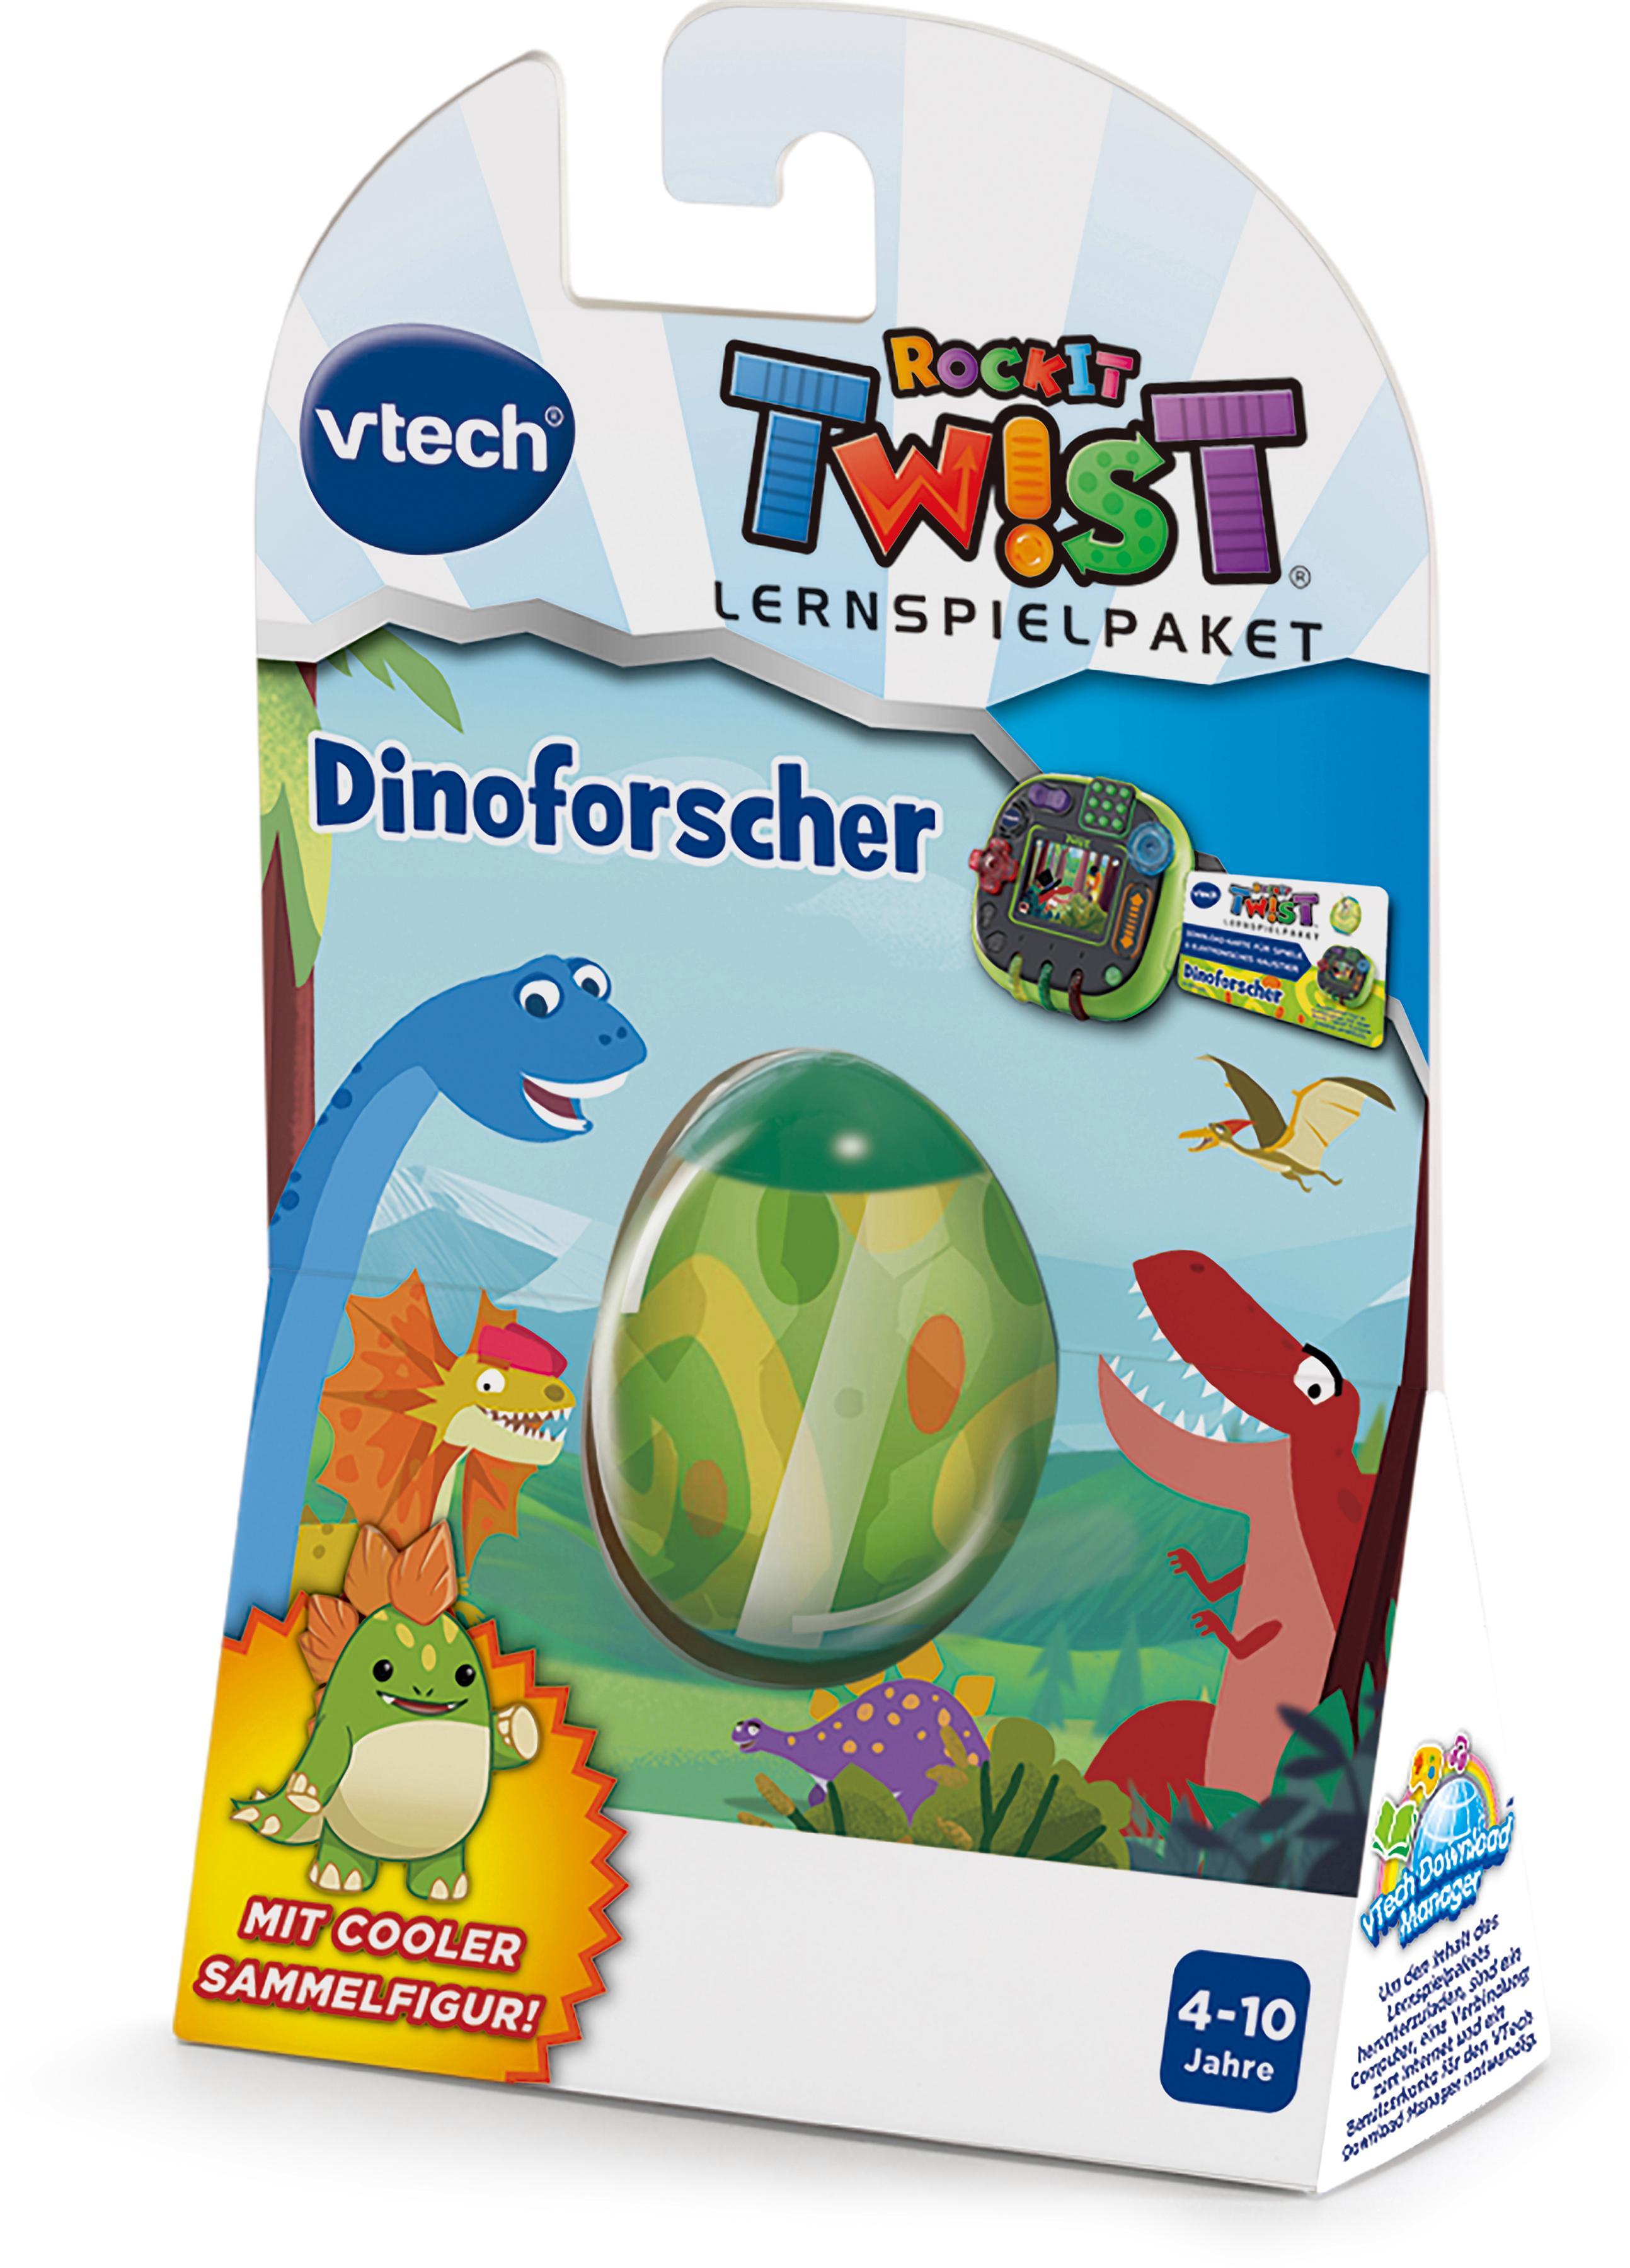 RockIt TWIST - Dinoforscher vtech bunt Kinder Kinder-Computer Lernspielzeug Computerspiel